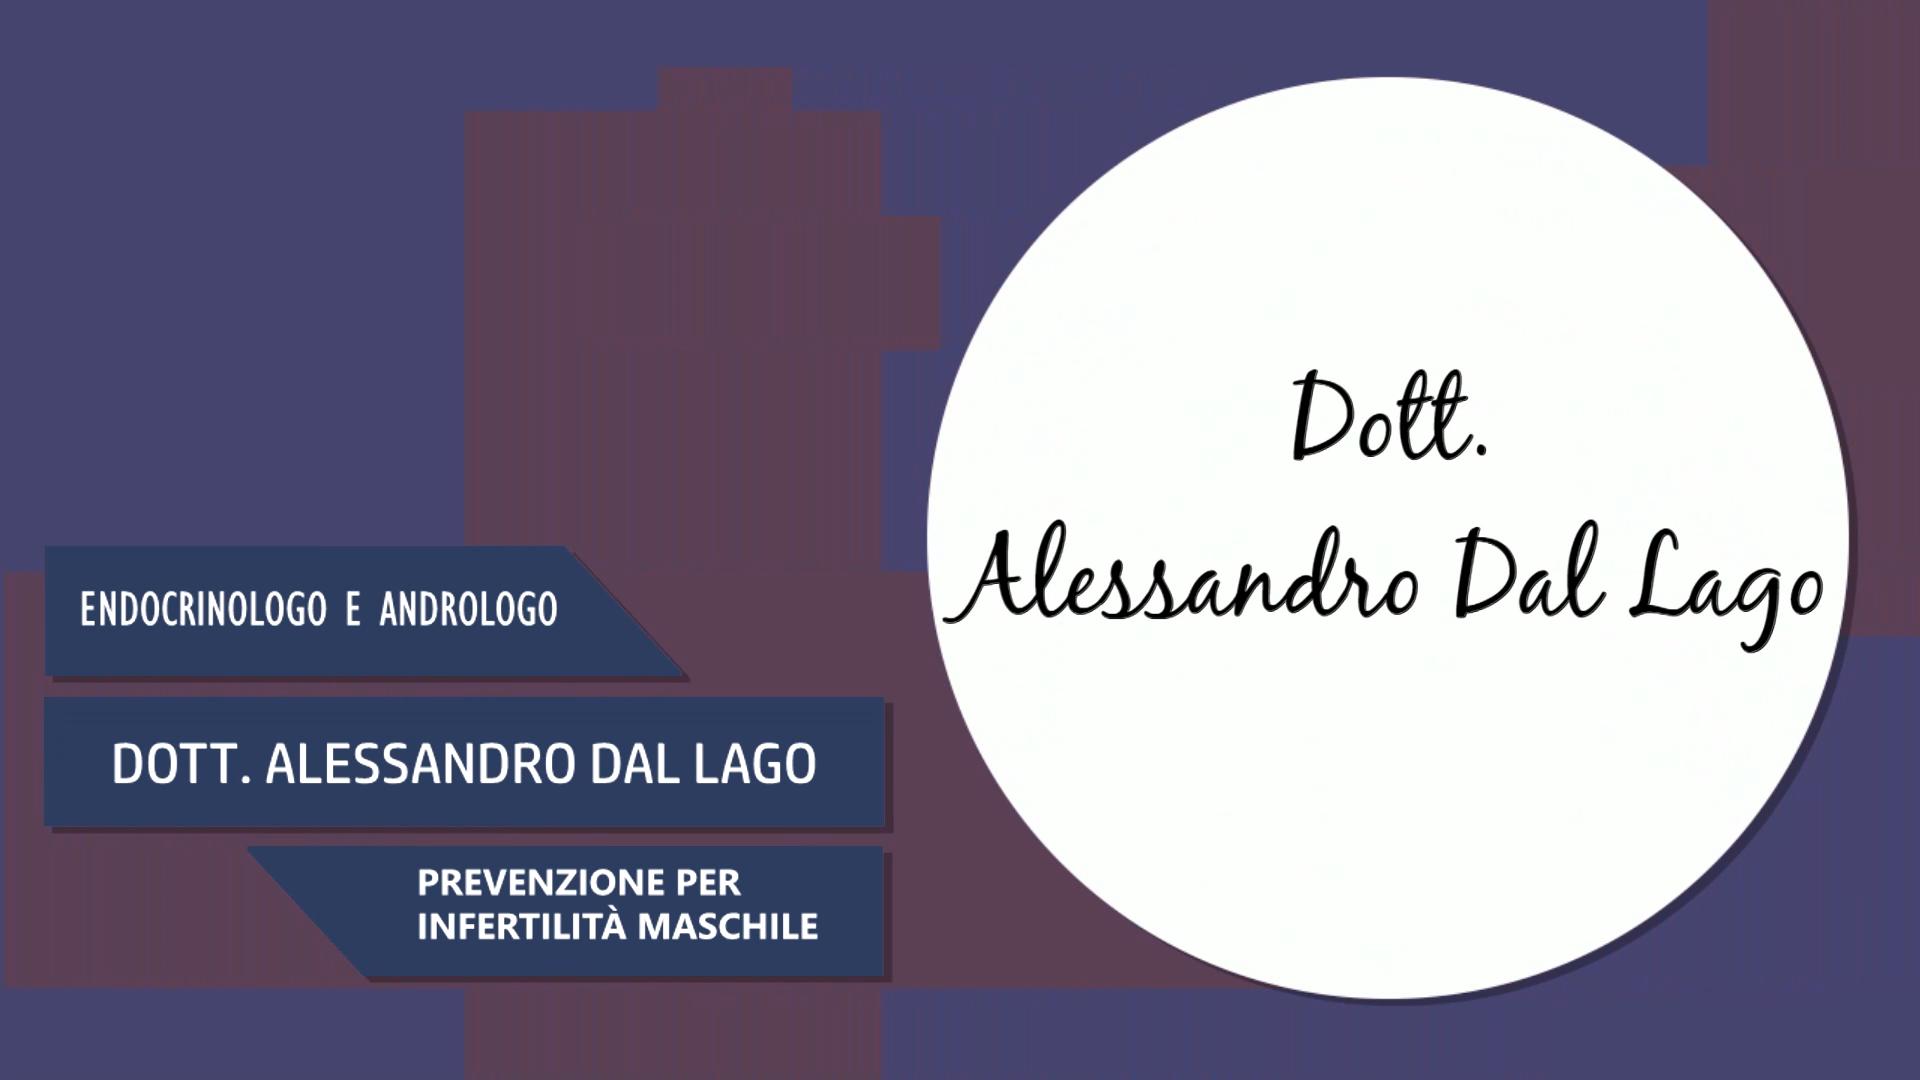 Intervista al Dott. Alessandro Dal Lago – Prevenzione per infertilità maschile